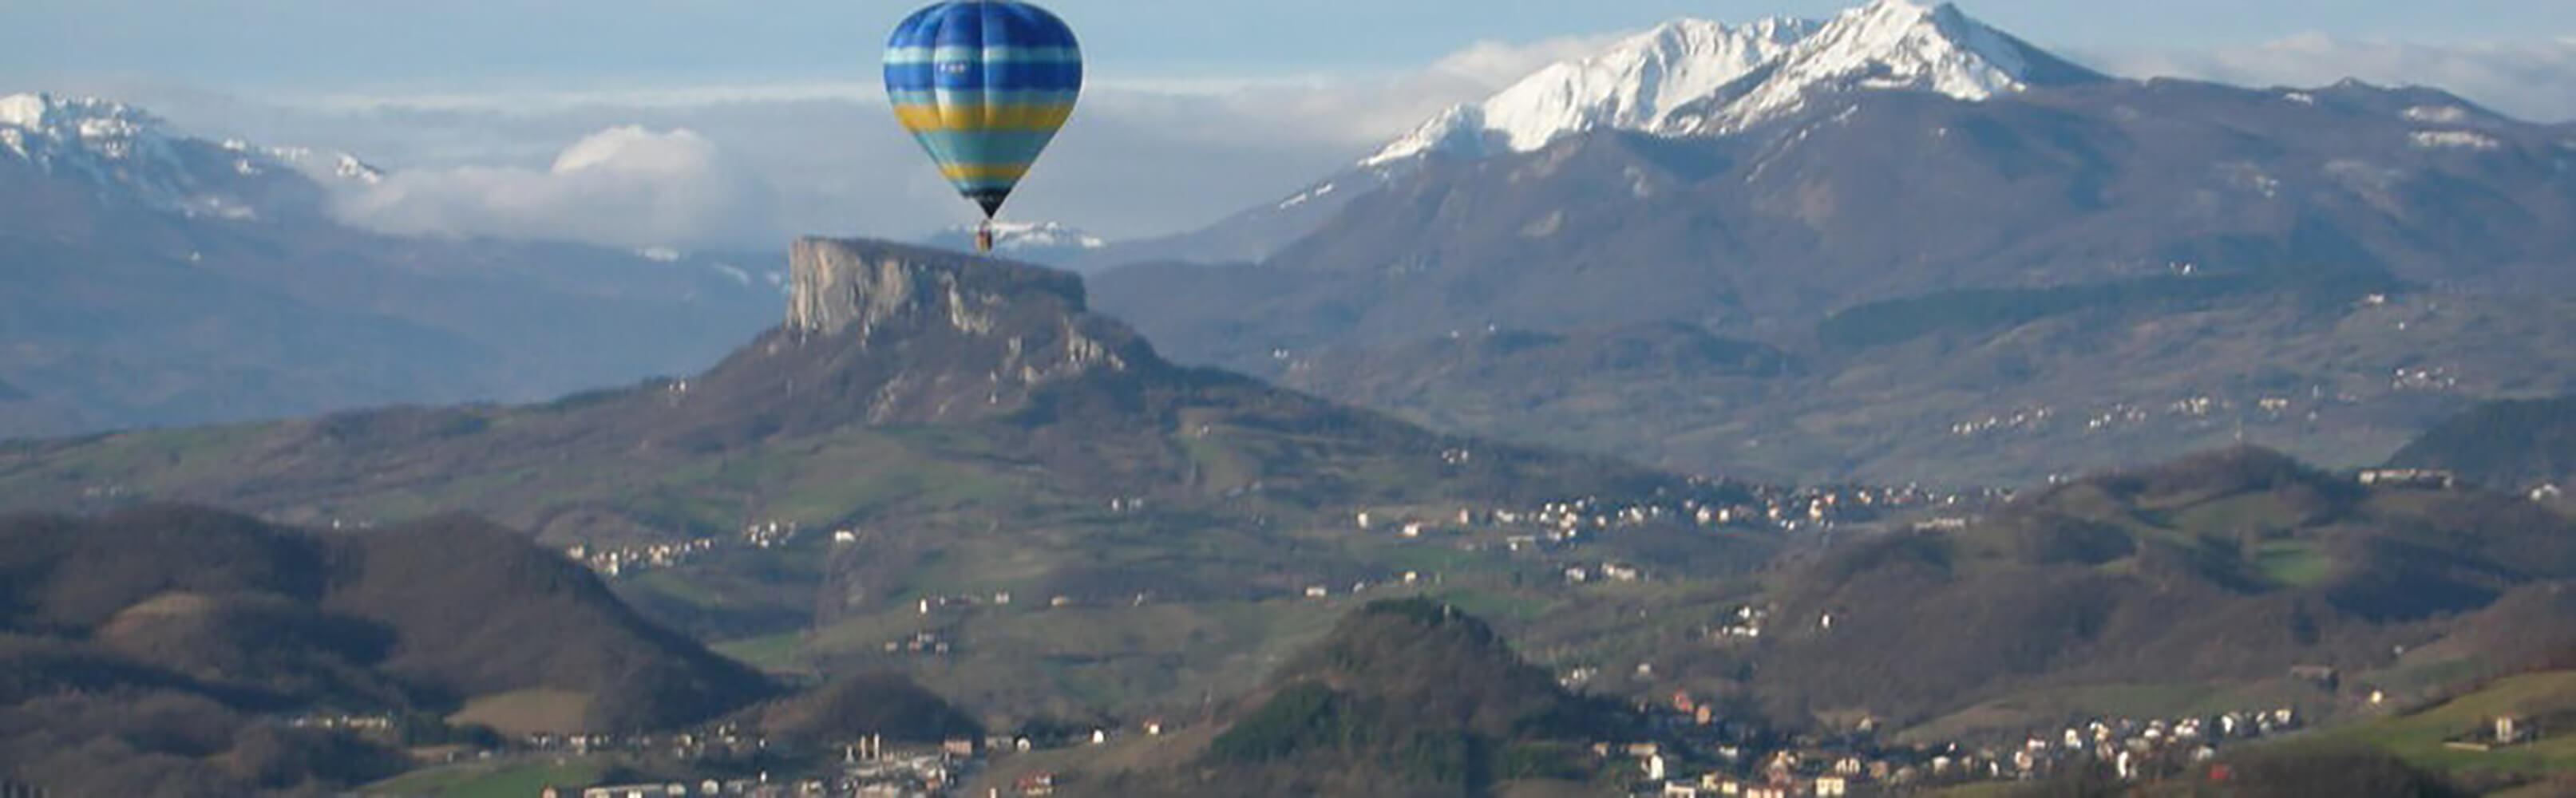 Ballonfahren mit Schweizer Meister Thedi Bolli 1